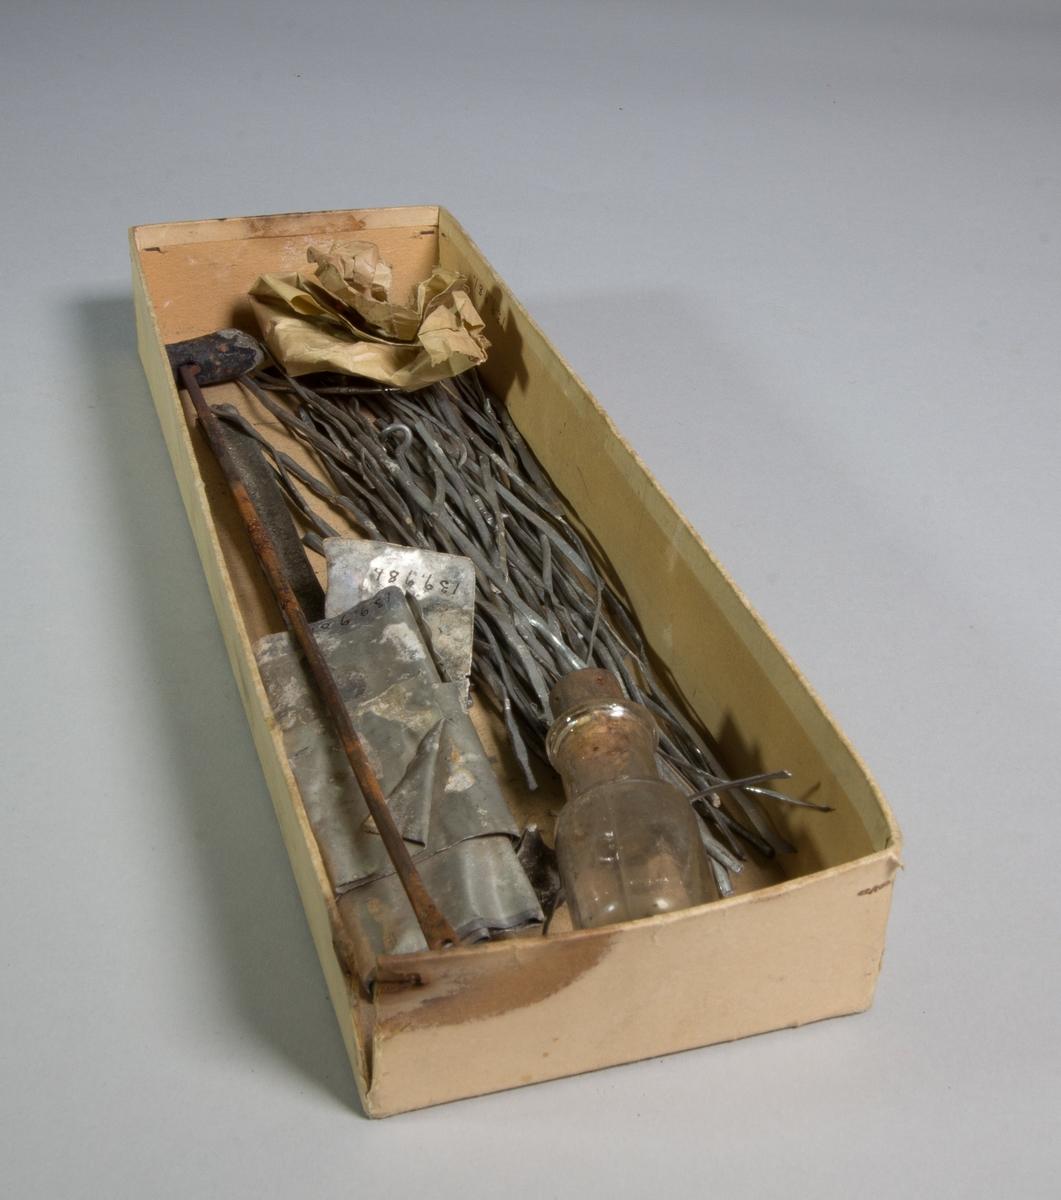 Lödkolv av metall bestående av lång ten och ytterst rektangulär och avfasad del. Lödkolven ligger i en papplåda som även innehåller ett antal bitar av lödtenn samt en glasflaska med kork.